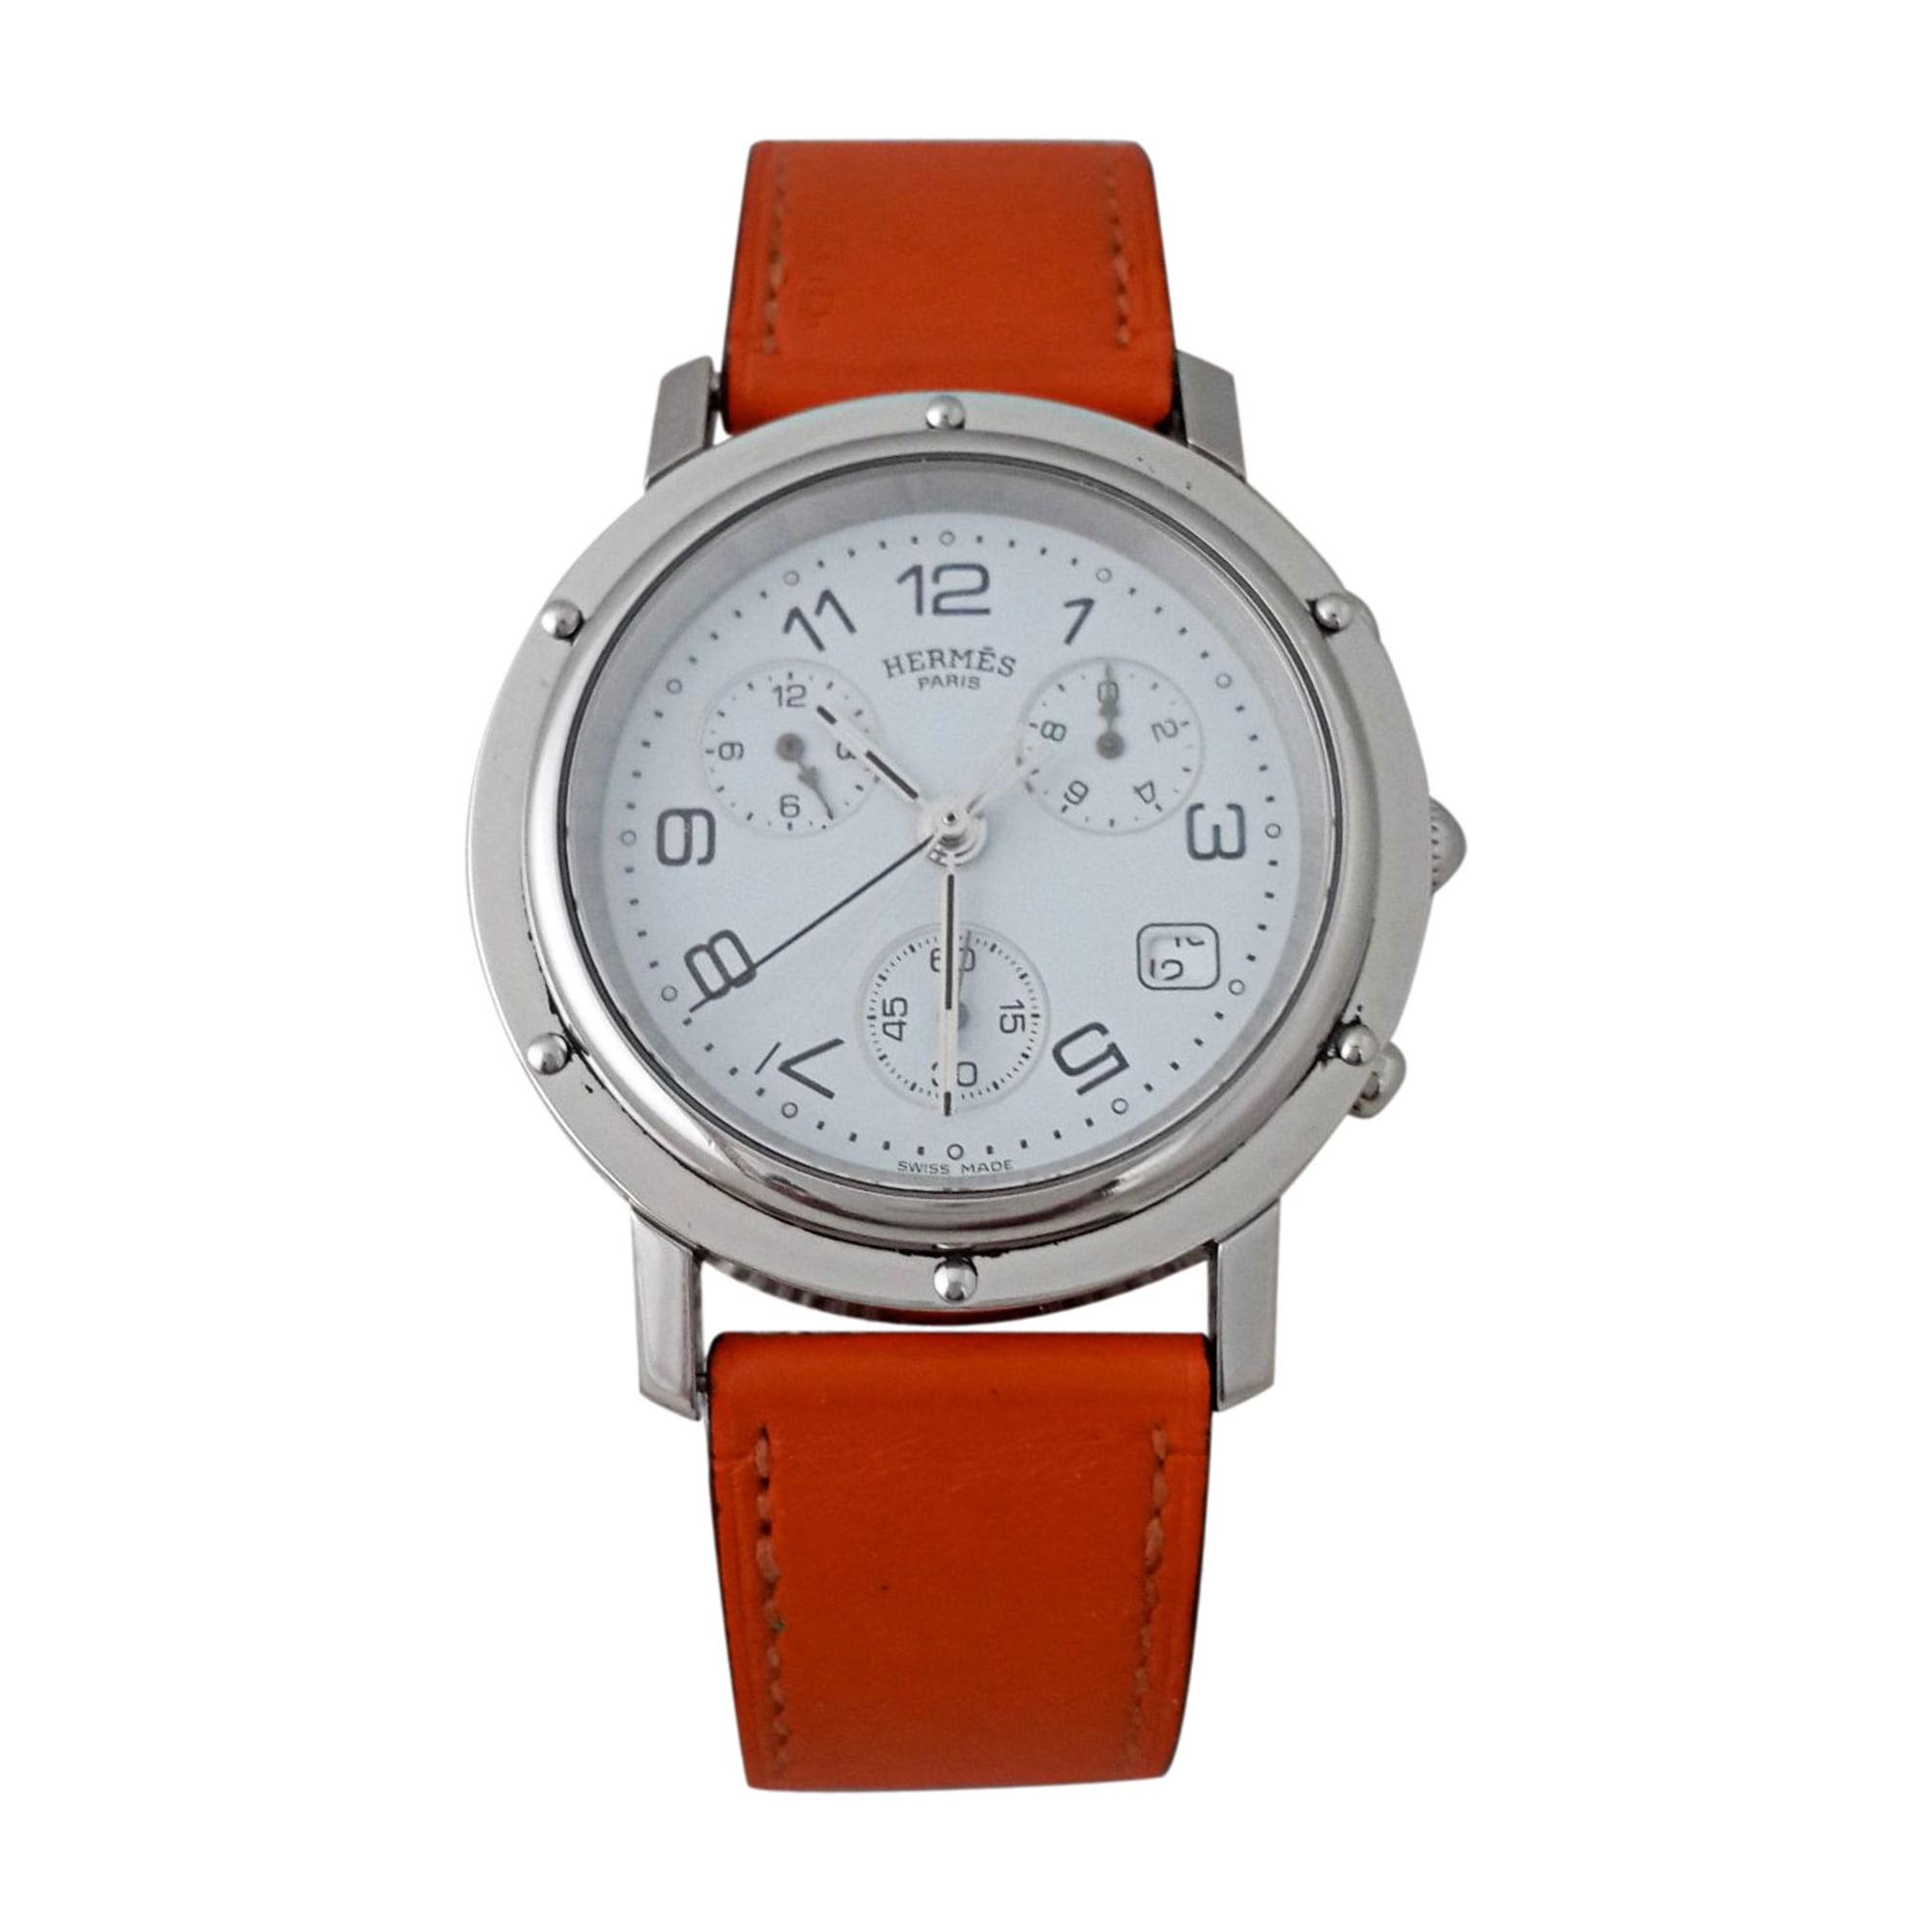 Armbanduhr HERMÈS Weiß, elfenbeinfarben